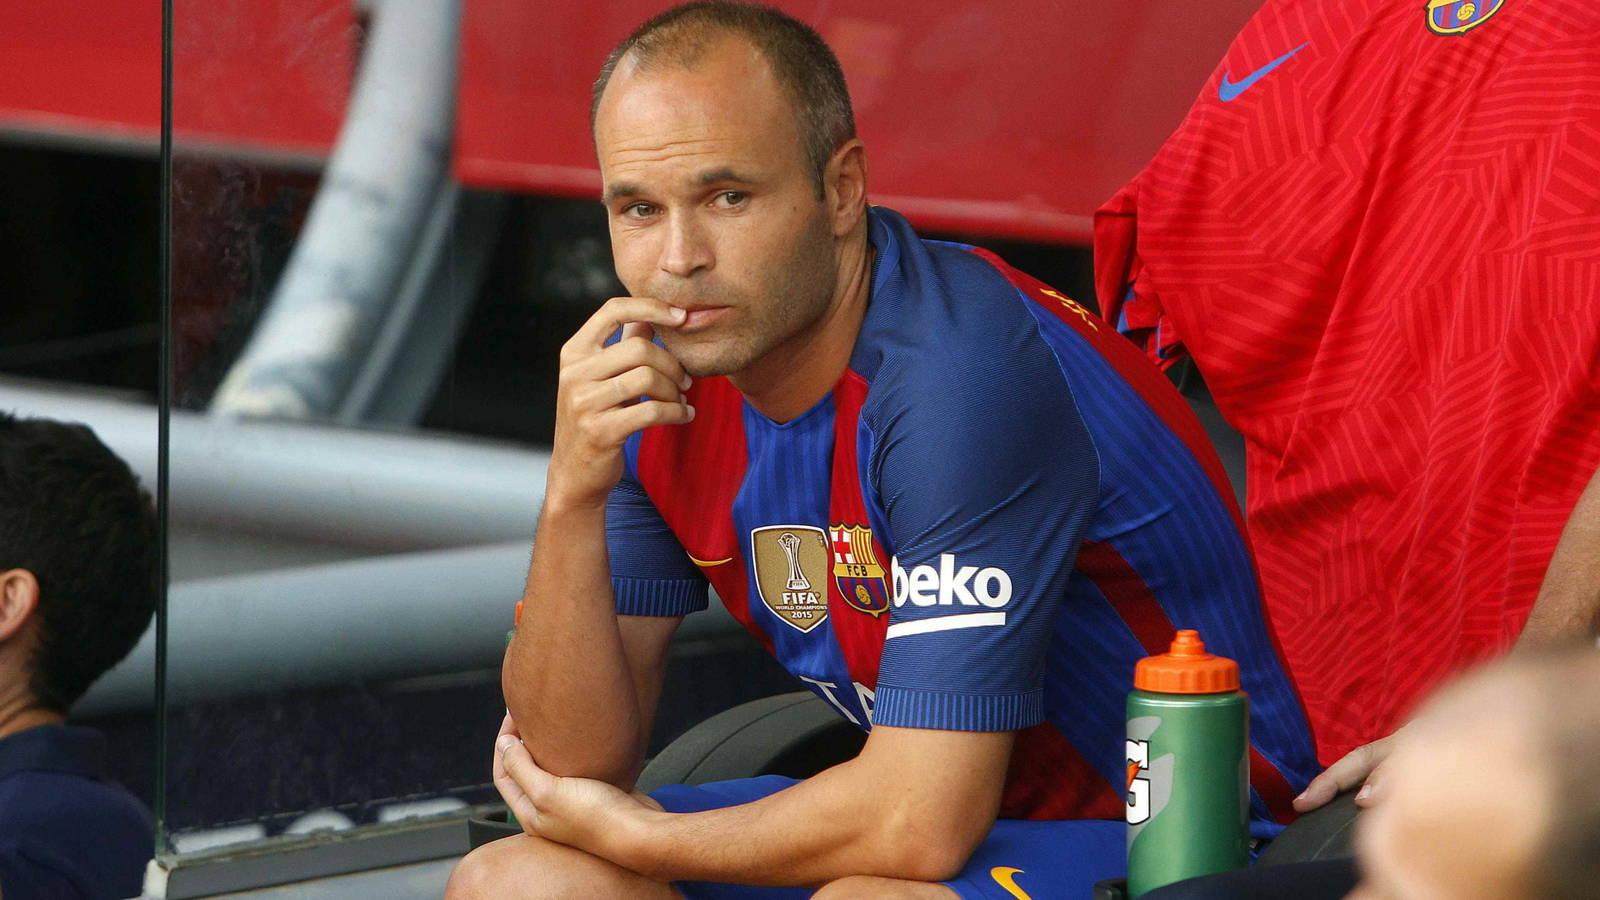 El crack del Barça que se encara con Neymar (y el ridículo de Piqué del que habla todo el Madrid)